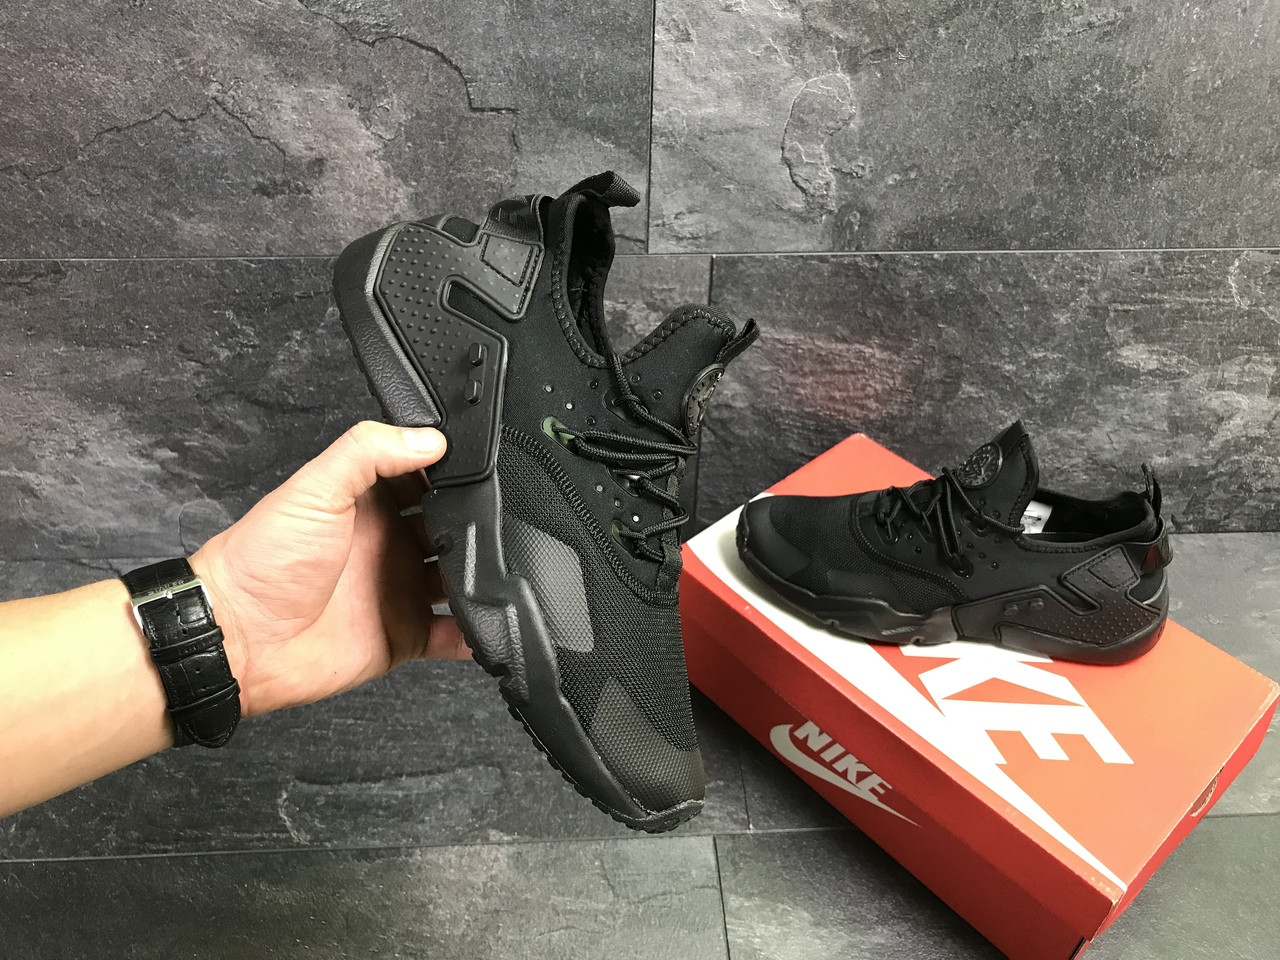 2312e1d3d Мужские кроссовки в стиле Nike Air Huarache - Интернет-магазин crossGо в  Ивано-Франковске